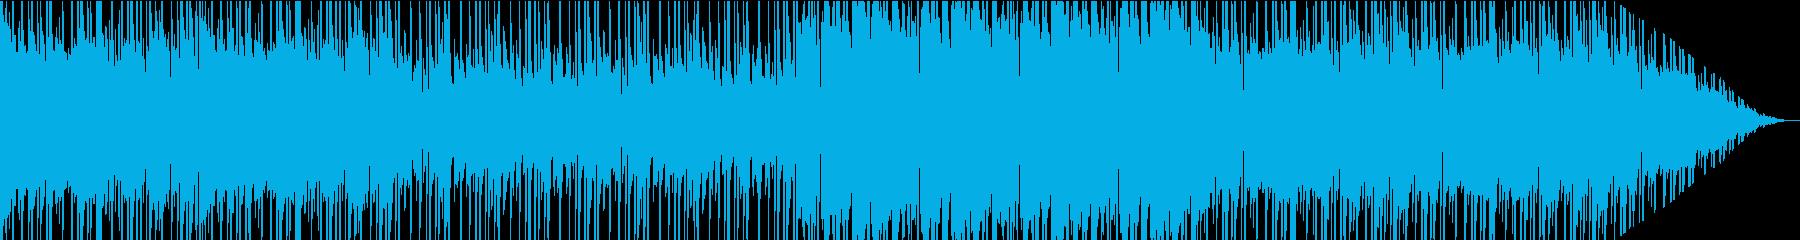 午後の優しいひと時を演出するBGMの再生済みの波形